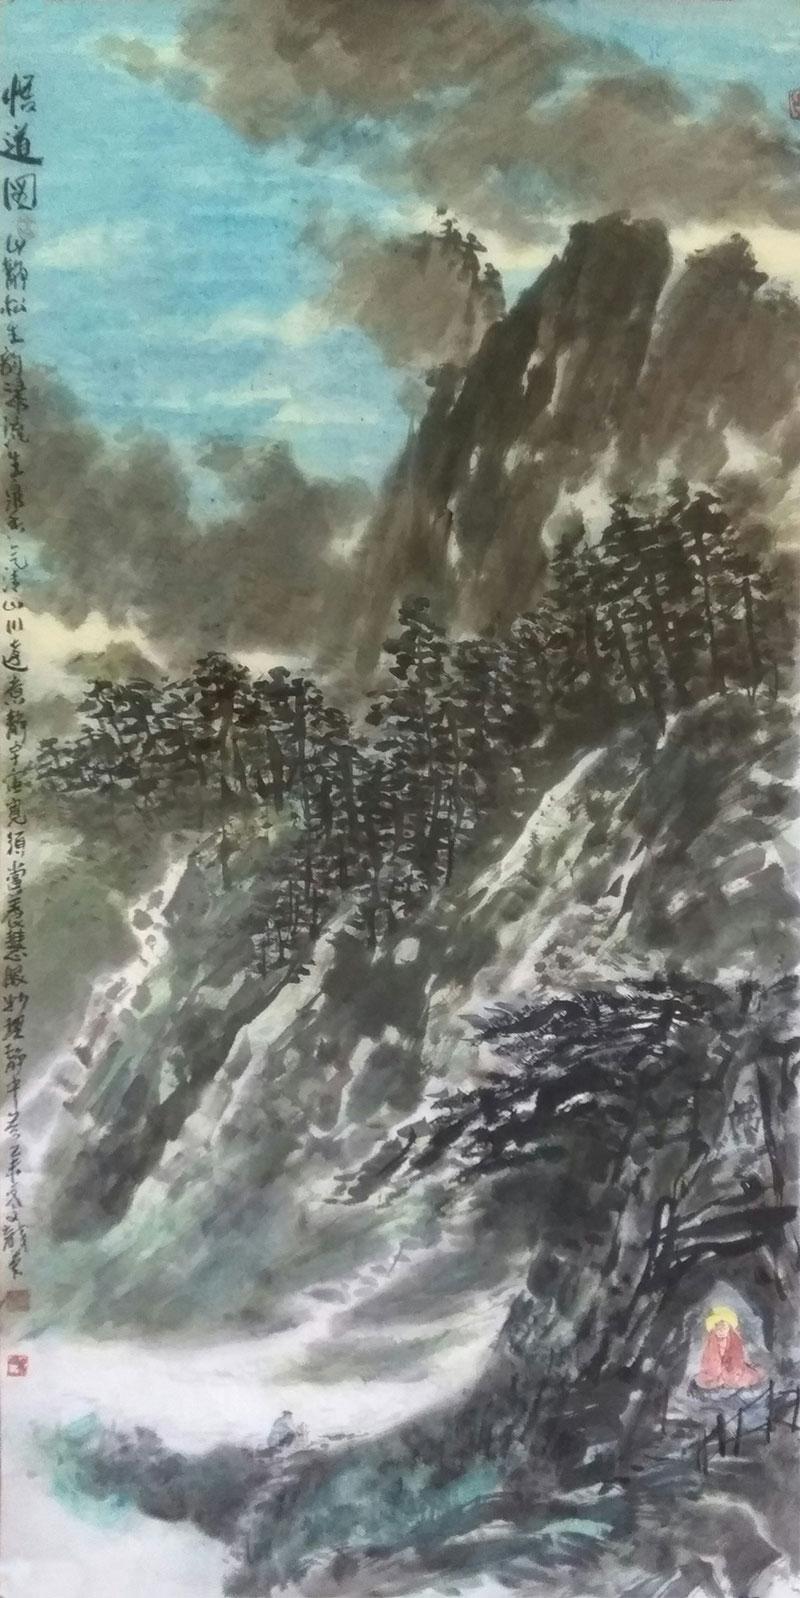 李文龙作品之一 (1)8